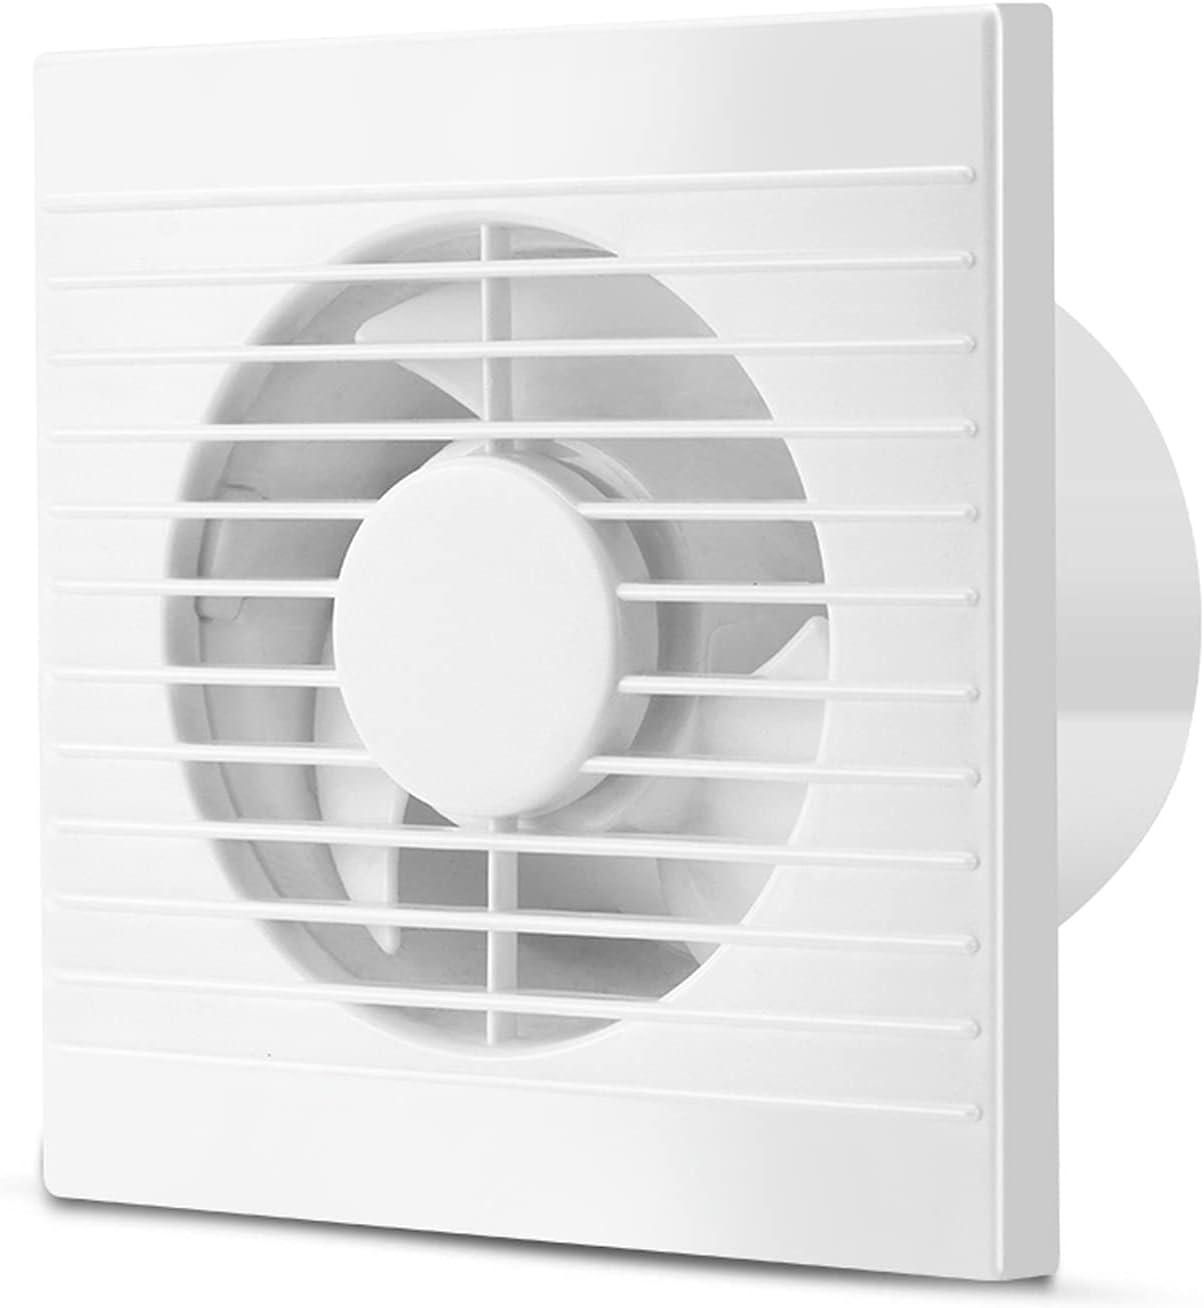 Ventilador extractor Ventilador de escape de baño Ventilador de pared de 6 pulgadas Ventilador ventilador Fuerte ventilador de ventilación de energía eólica para el baño doméstico, bajo ruido, 2 0W, 1